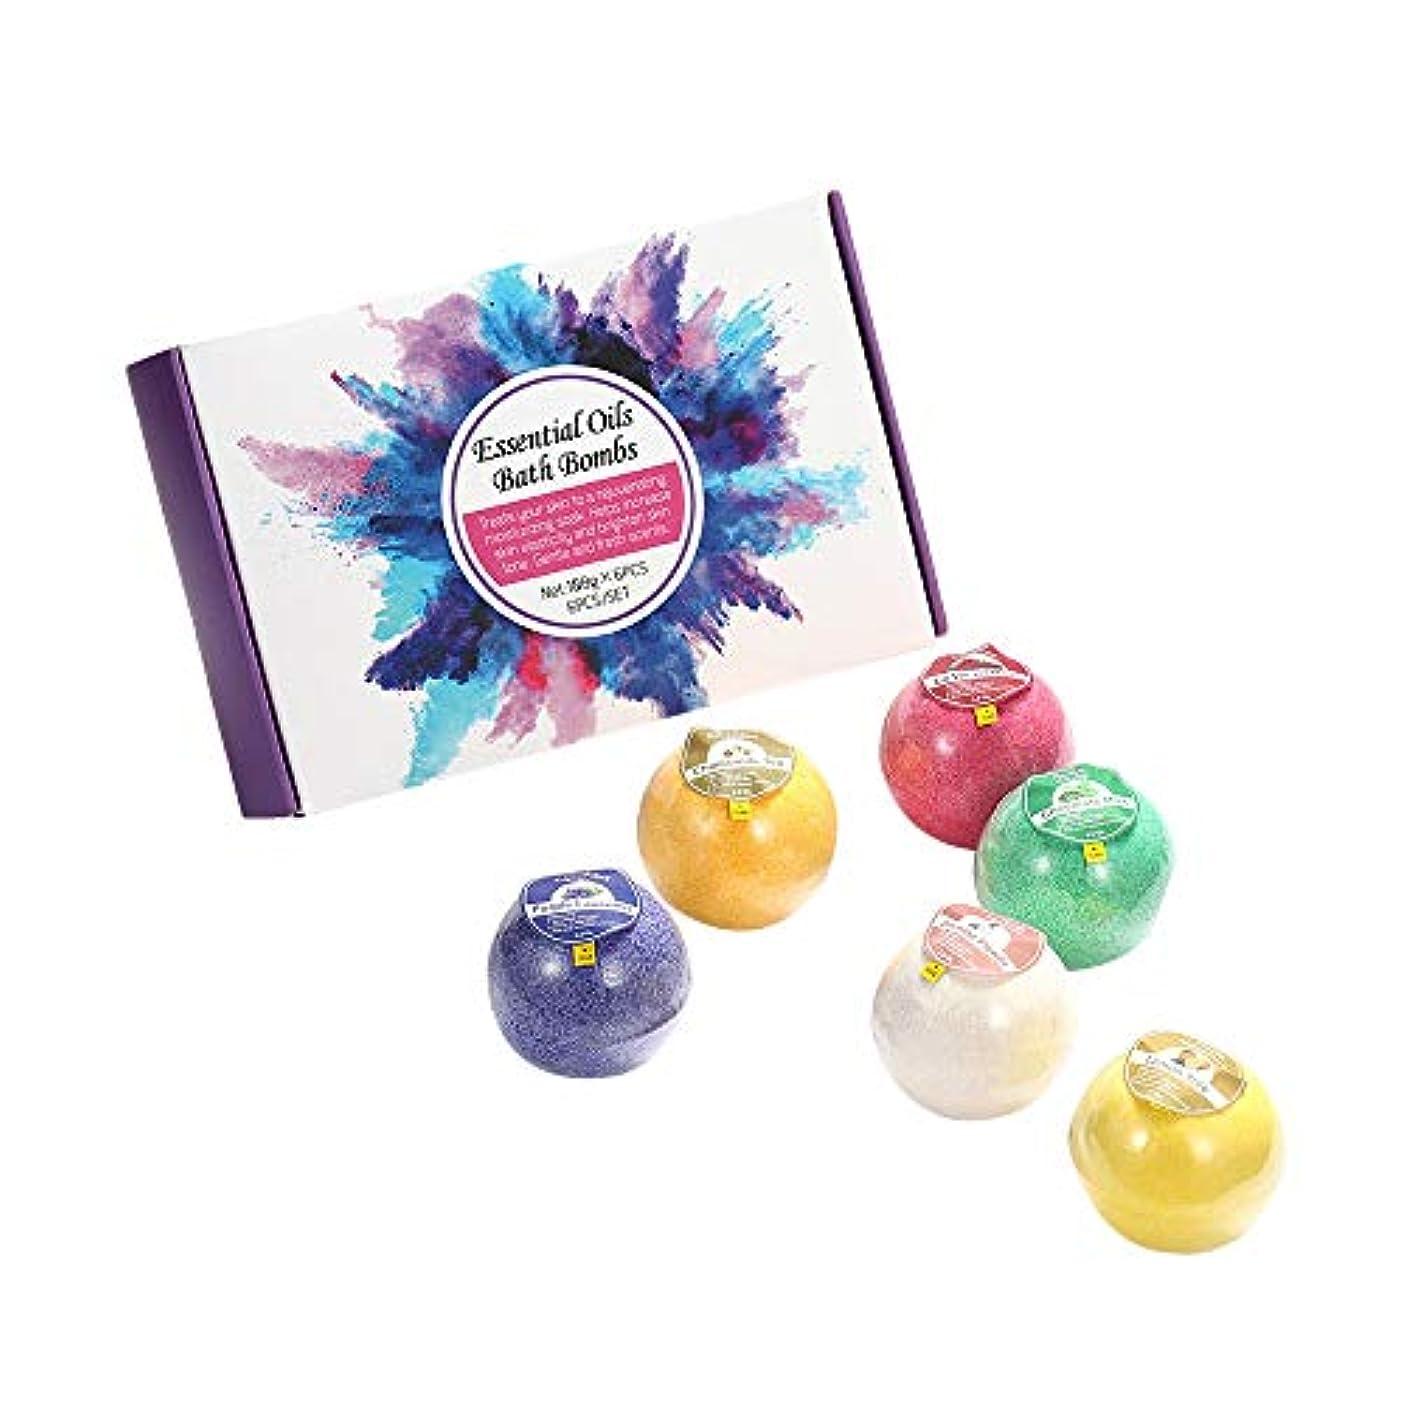 材料通知する単語お風呂爆弾セット-海塩dndエッセンシャルオイルバスボール、彼女/彼のための最高の誕生日プレゼントのアイデア